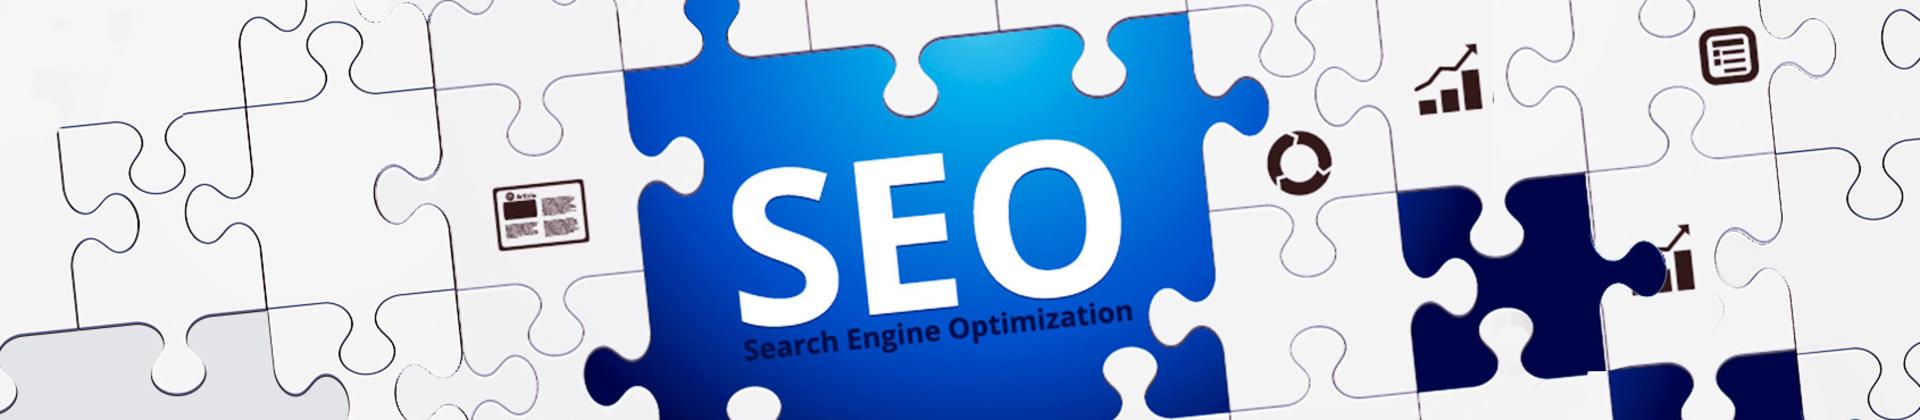 #<School:0x007f8937b5e470>-Estratégias para otimizar o posicionamento do seu negócio no Google